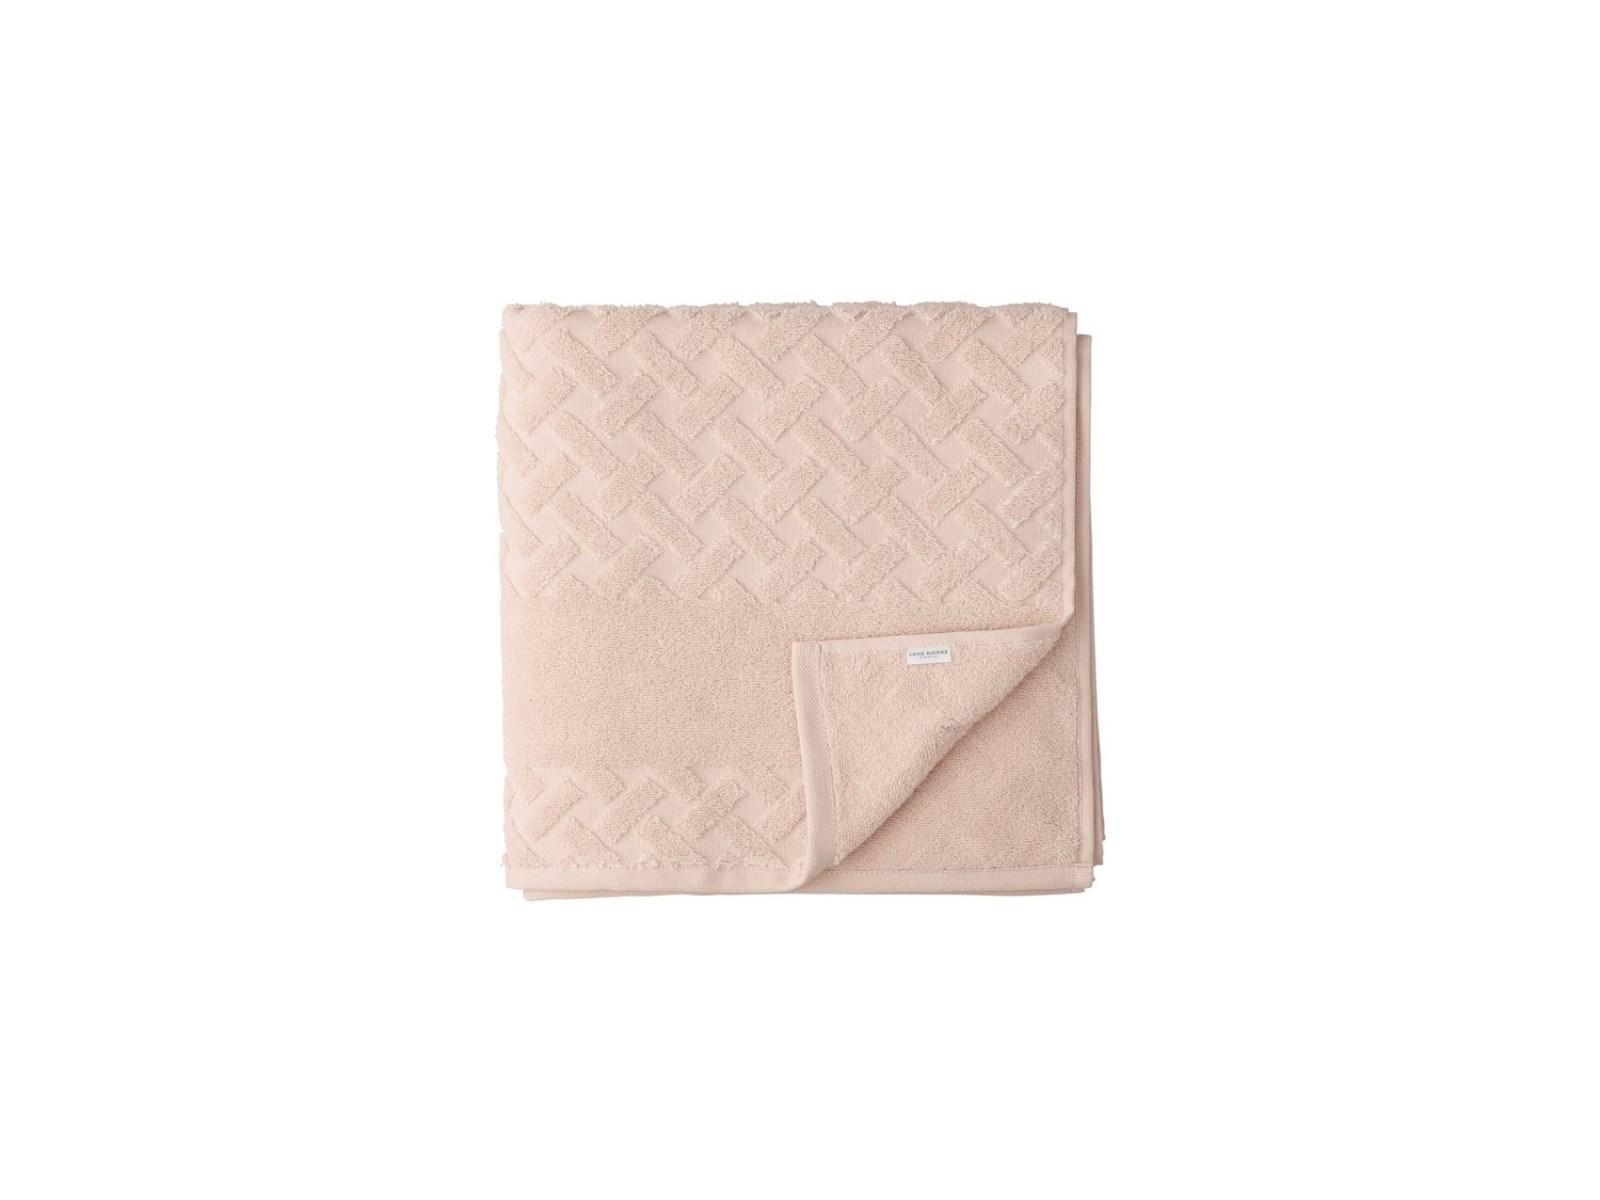 21684bde9509f3 Ręcznik kąpielowy Laurie 140x70 cm różowy - Lene Bjerre - Ręczniki -  zdjęcia, pomysły, inspiracje - homebook